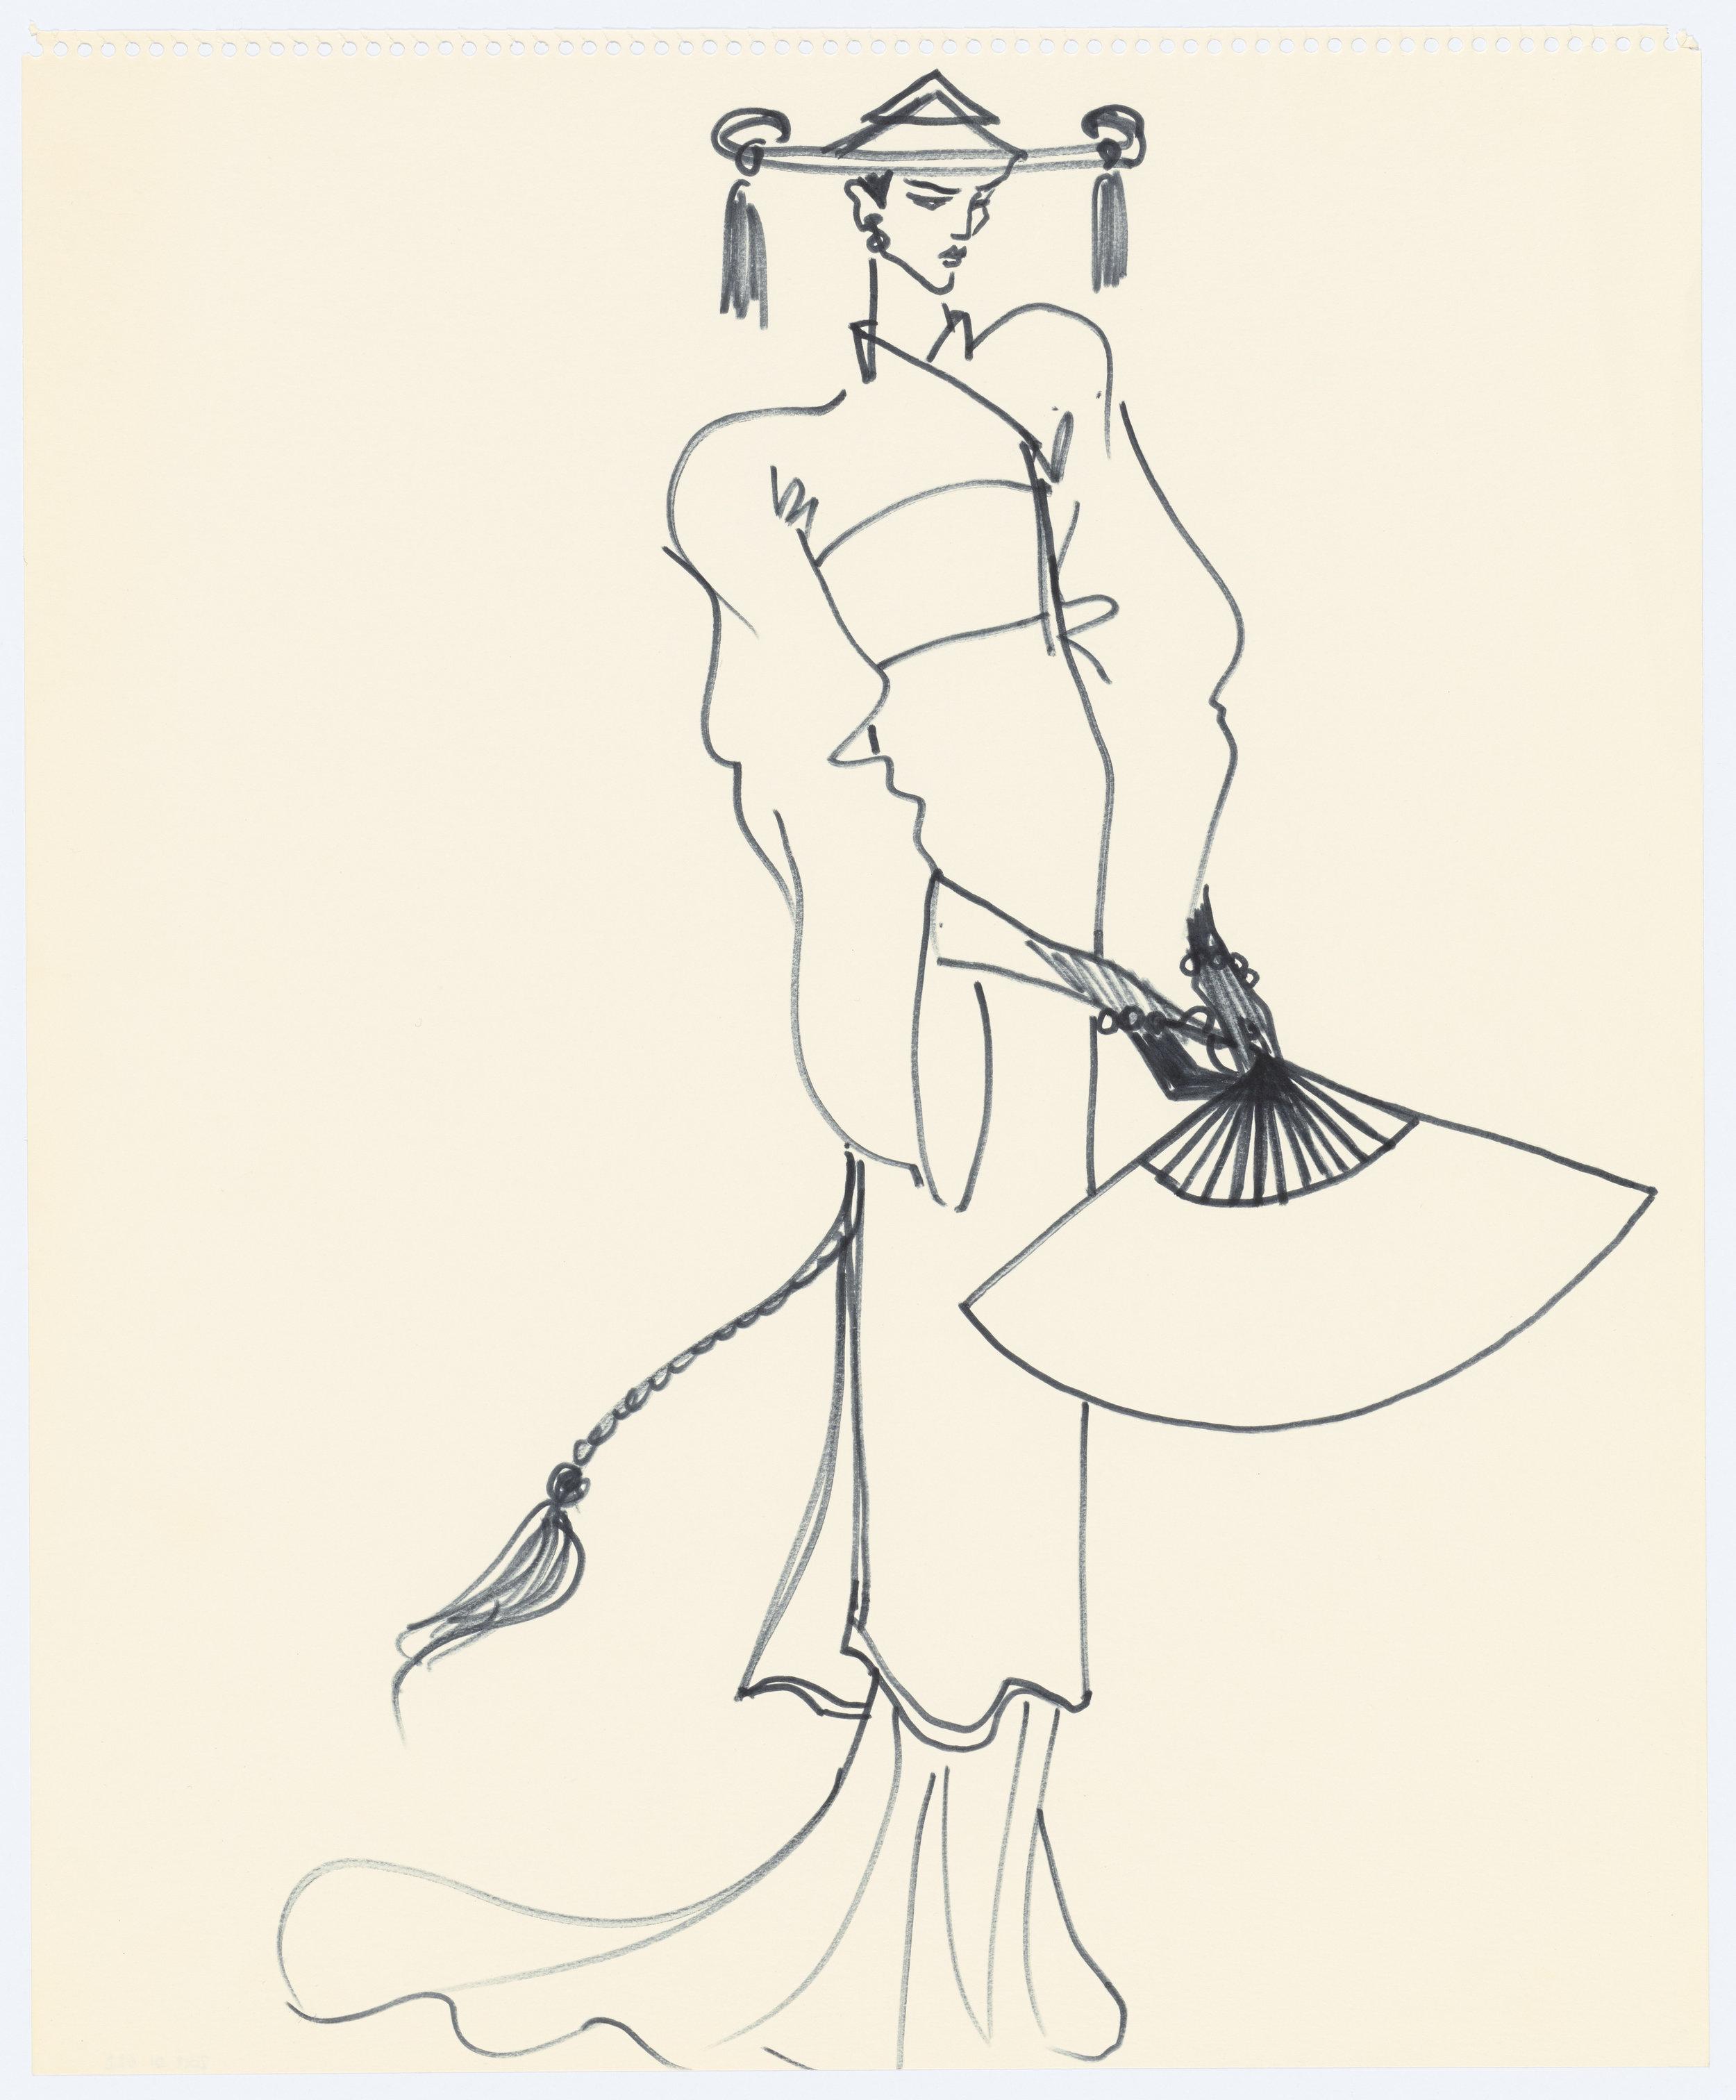 01 - Croquis de recherche autour du lancement du parfum Opium, vers 1978, Musée Yves Saint Laurent Paris © Fondation Pierre Bergé - Yves Saint Laurent _ Tous droits réservés.jpg